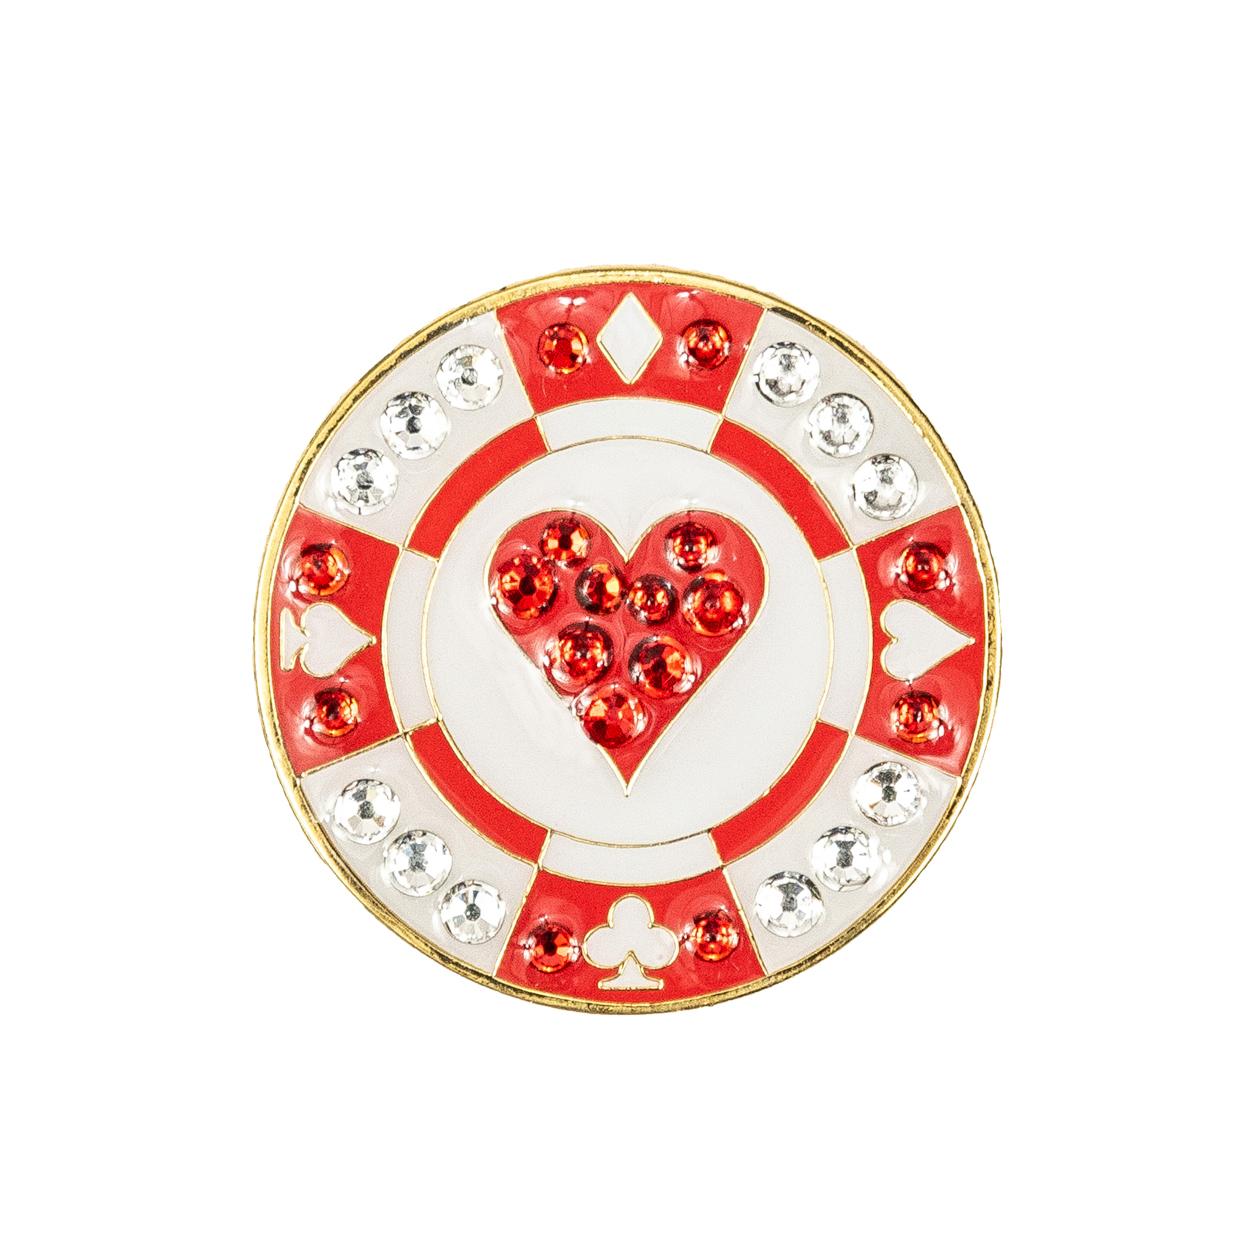 52. Poker Chip Heart